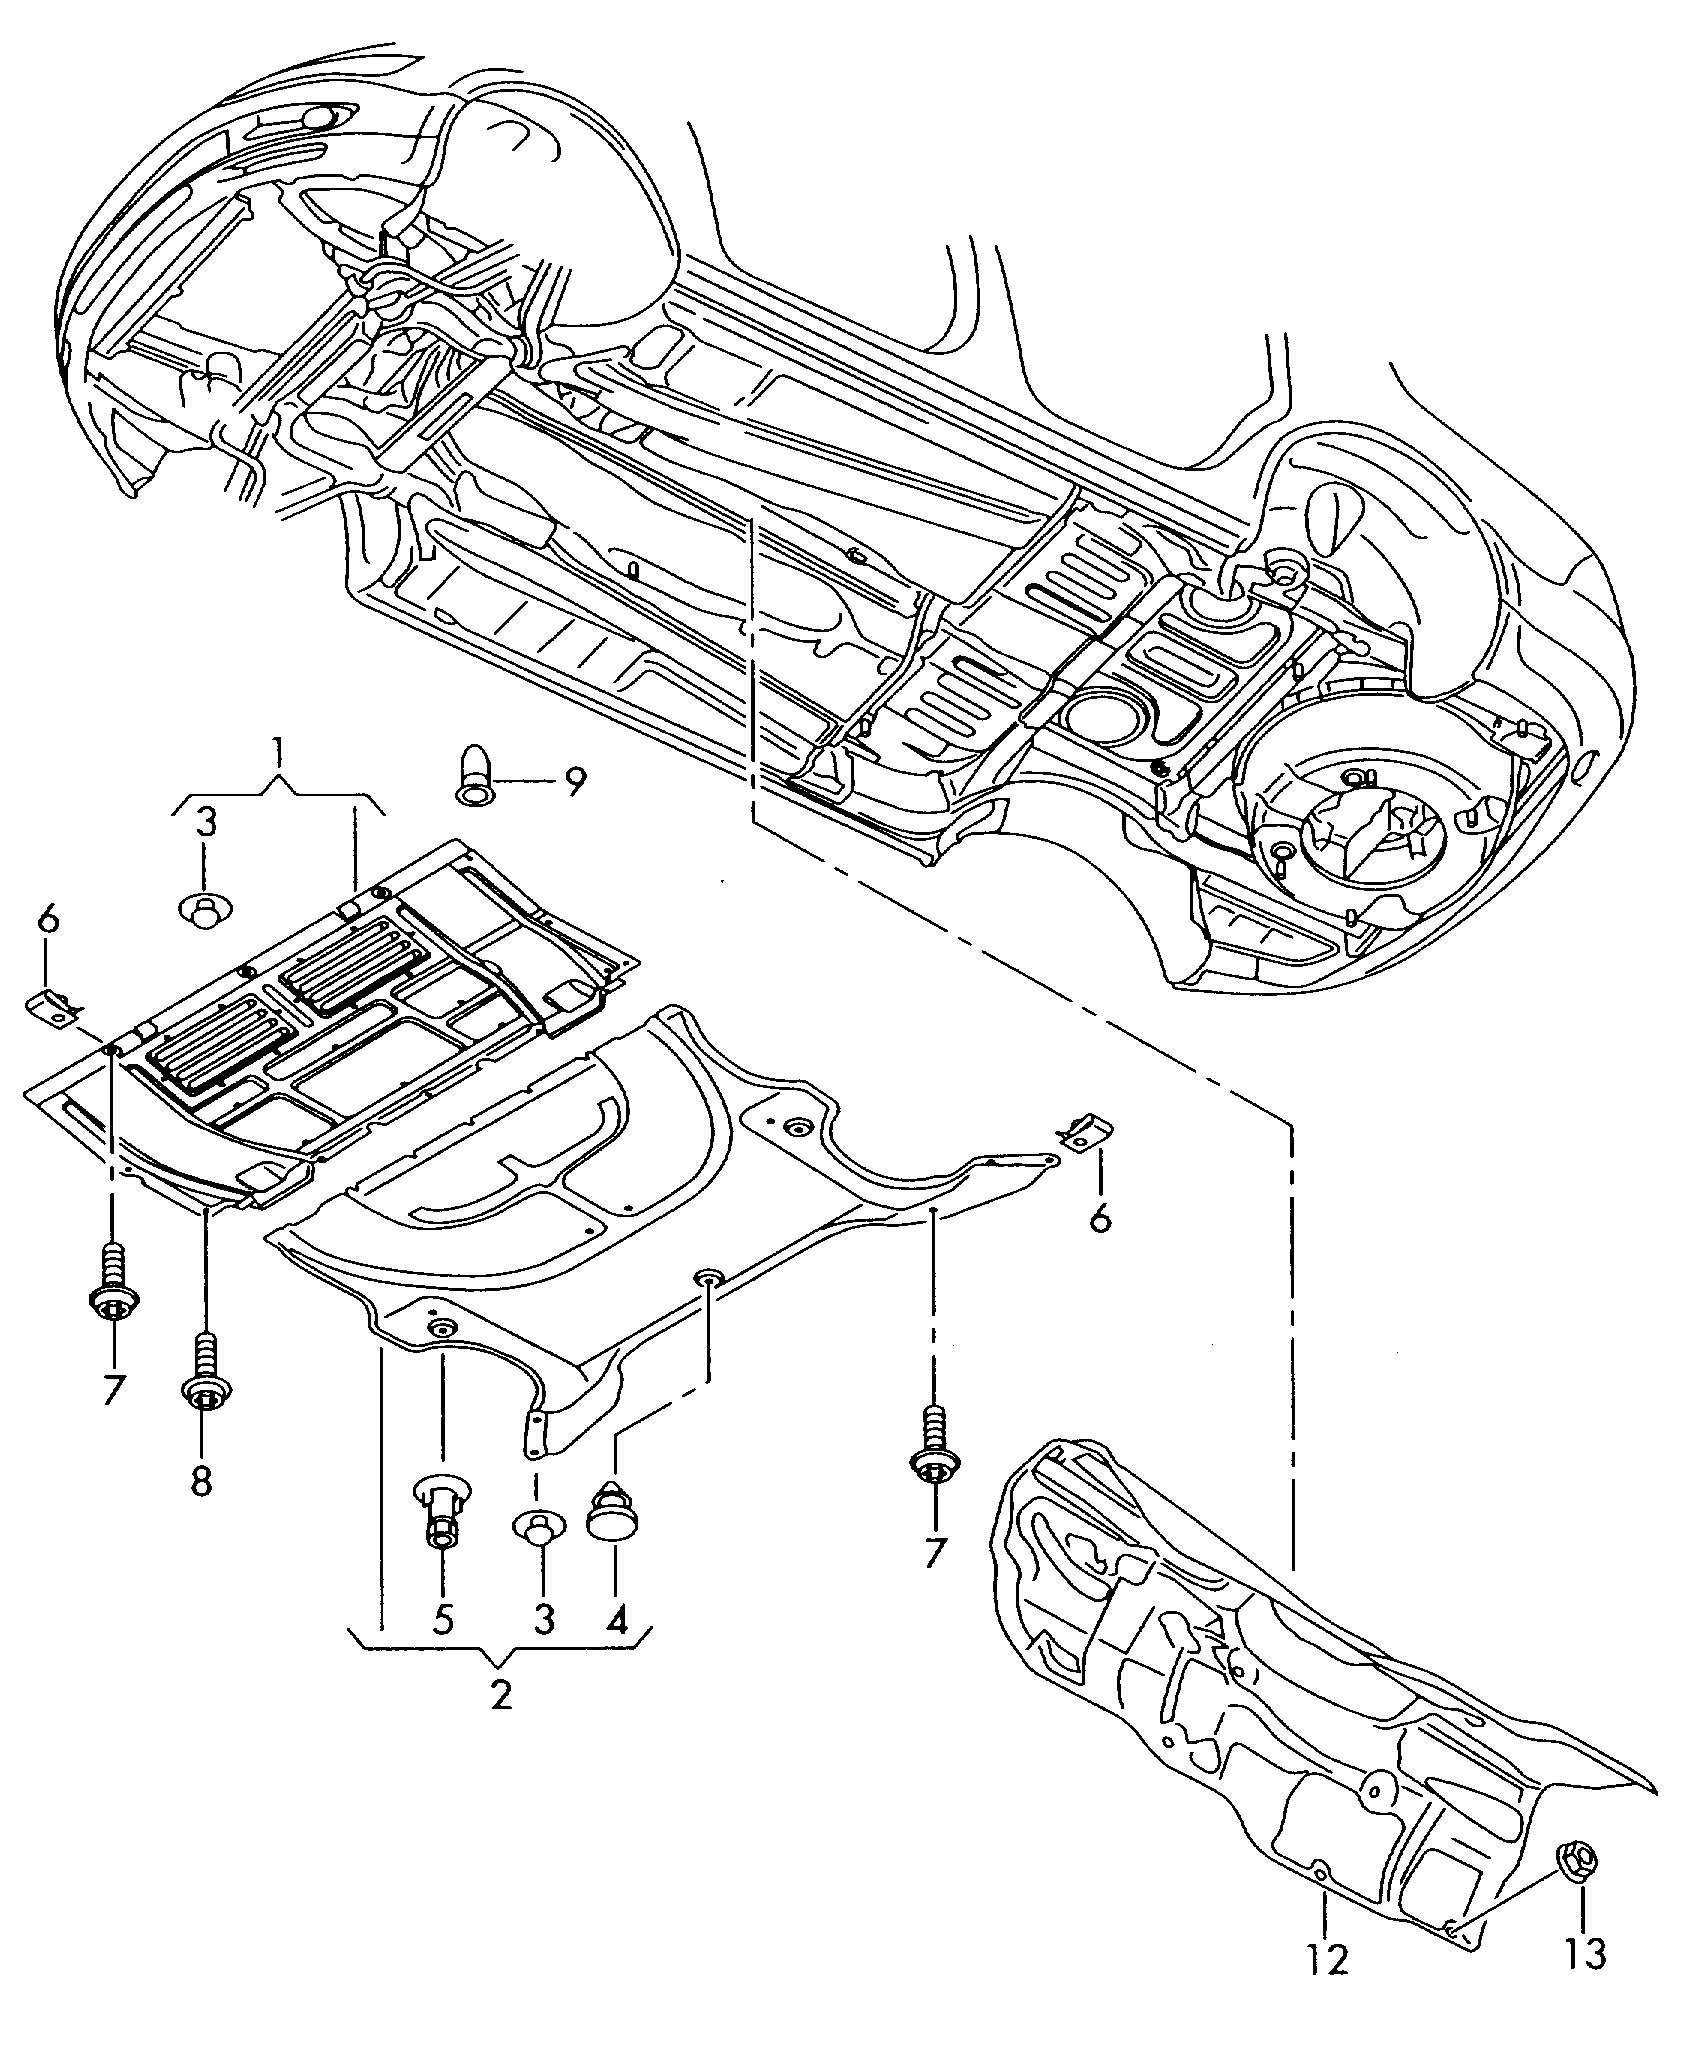 Volkswagen Eurovan Fuse Box Diagram Volkswagen Auto